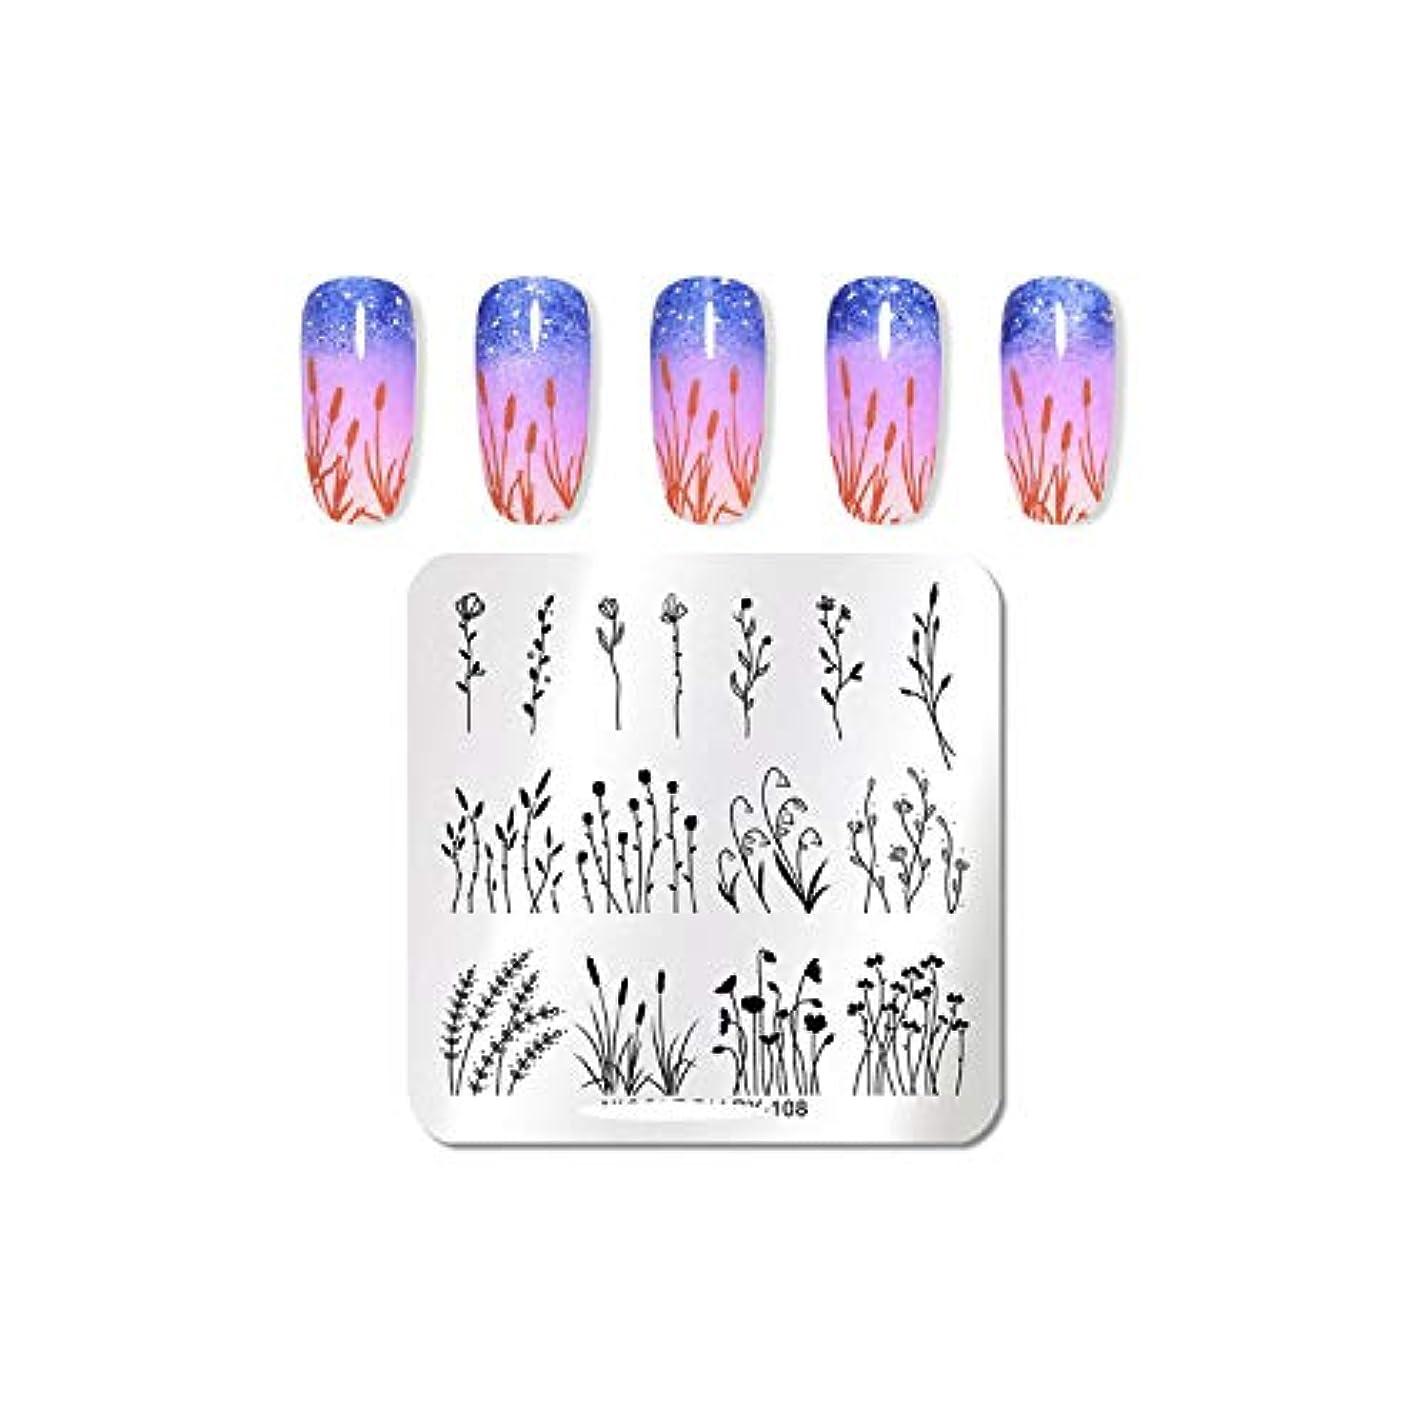 インスタント体操競争AKIROKハロウィンネイルスタンピングプレートフラワースネークスキンネイルテンプレートスタンプネイルアートスタンプ画像テンプレートネイルアートステンシル,ND-108